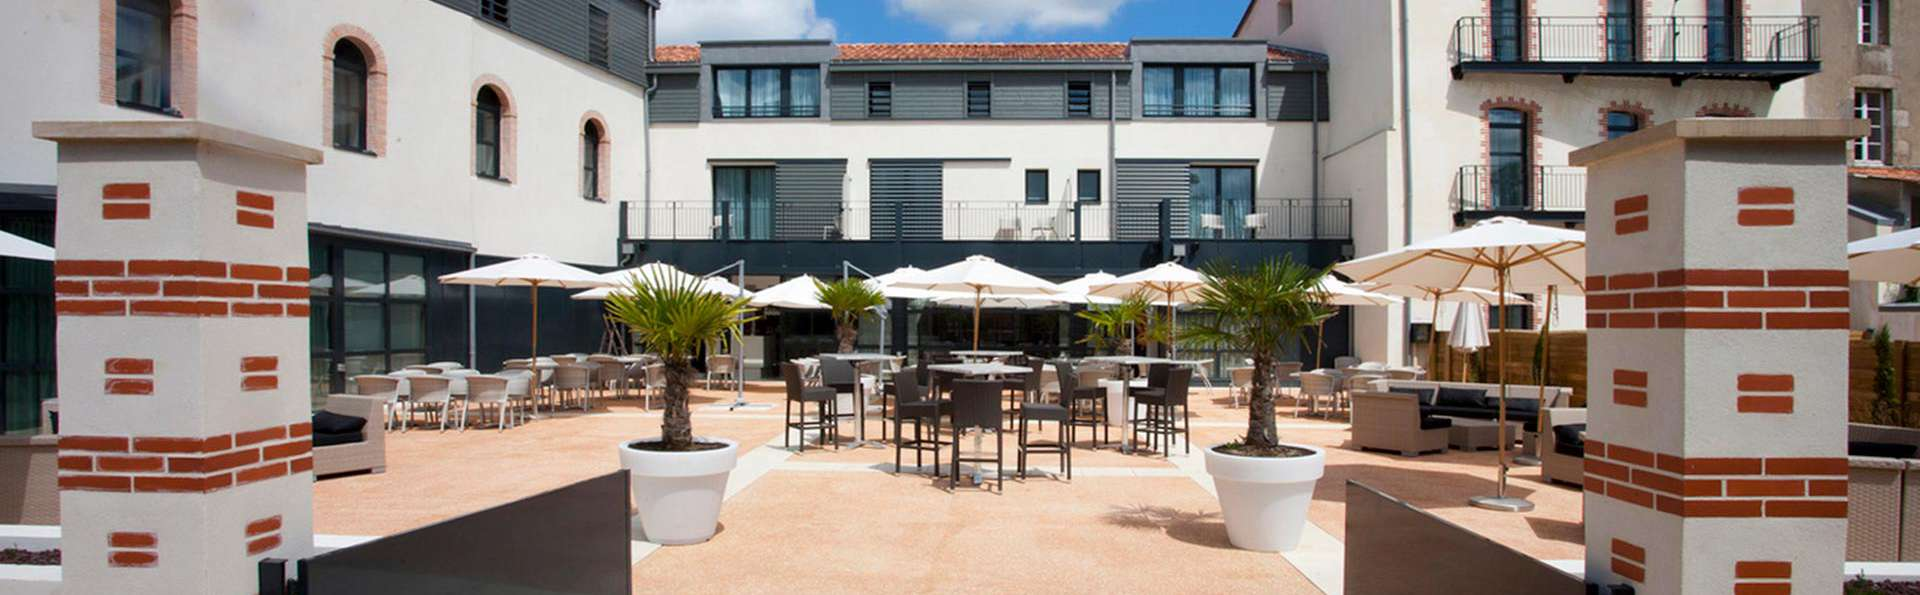 Best Western Hôtel et Spa Villa Saint Antoine - edit_patio2.jpg